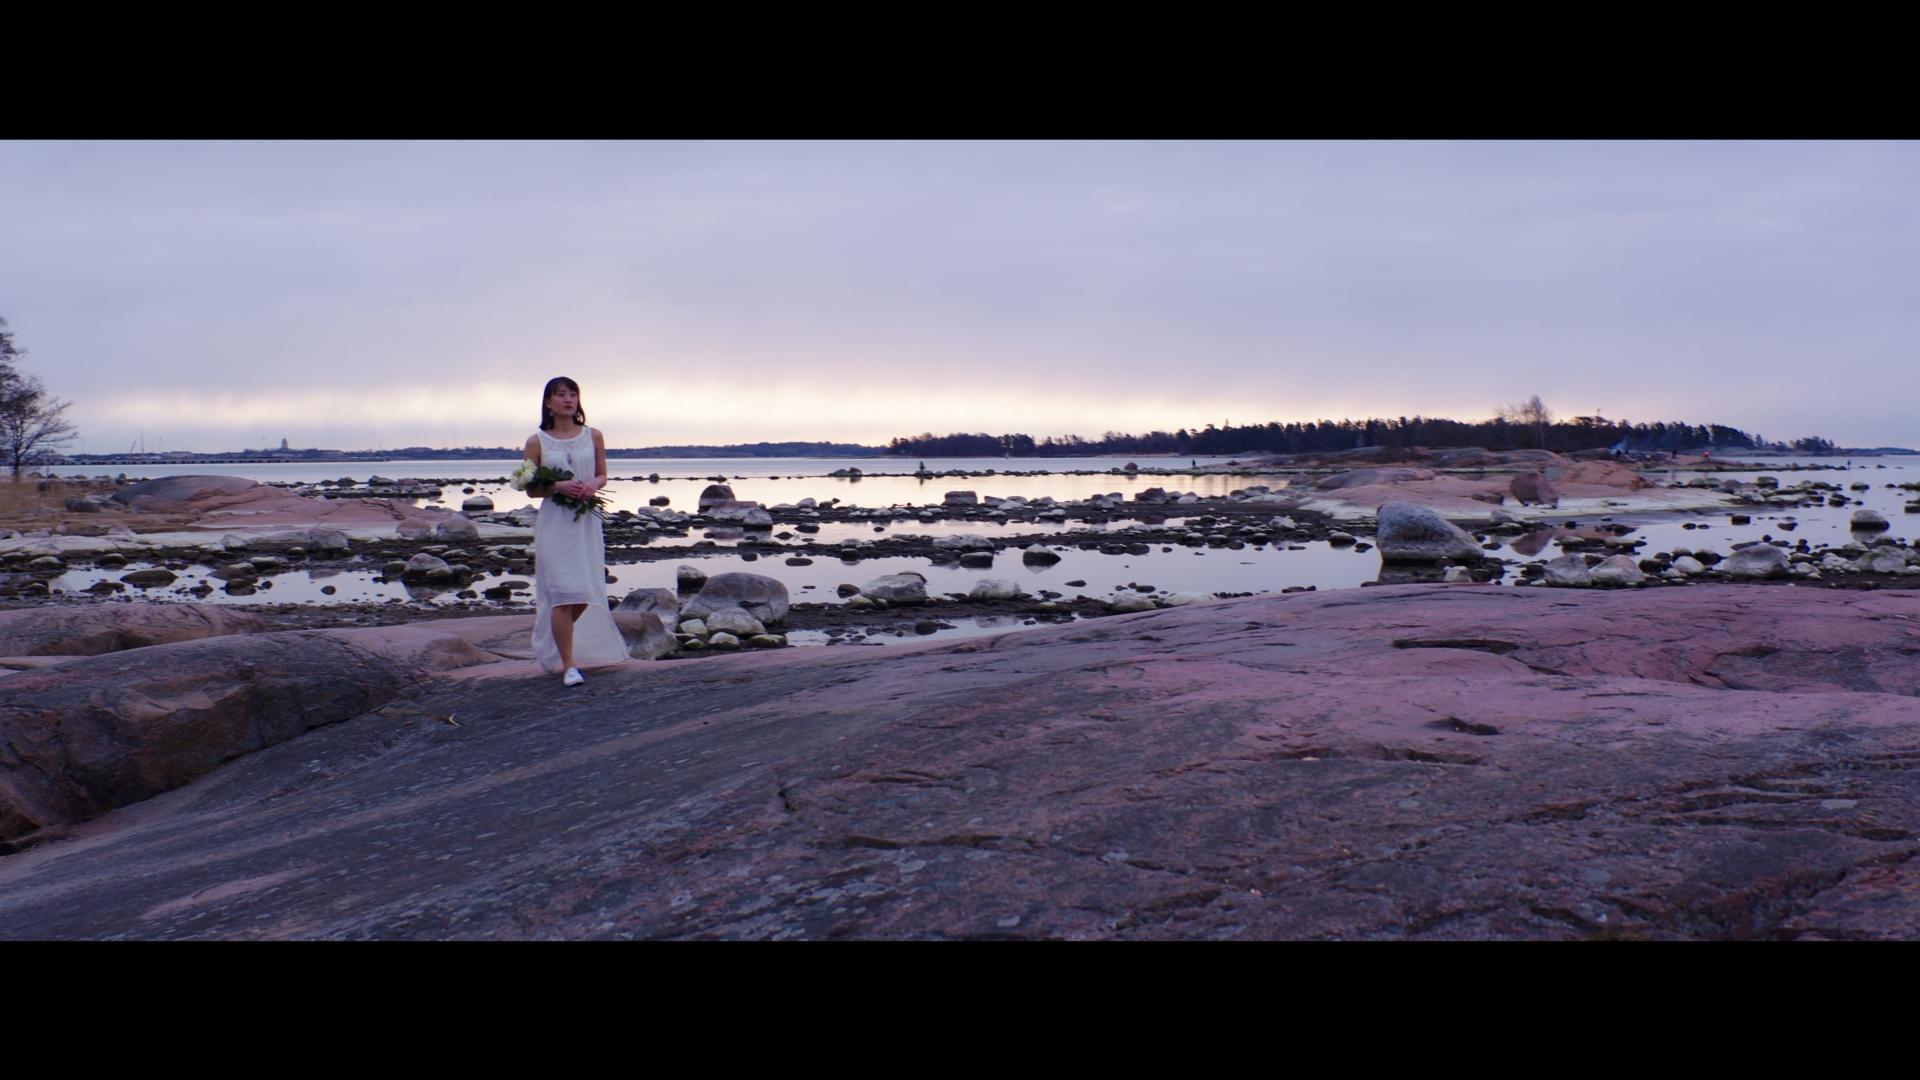 """""""Tuo soria saaren neito, saaren neito, saaren kukka."""" Kuva: Antti Vuori"""